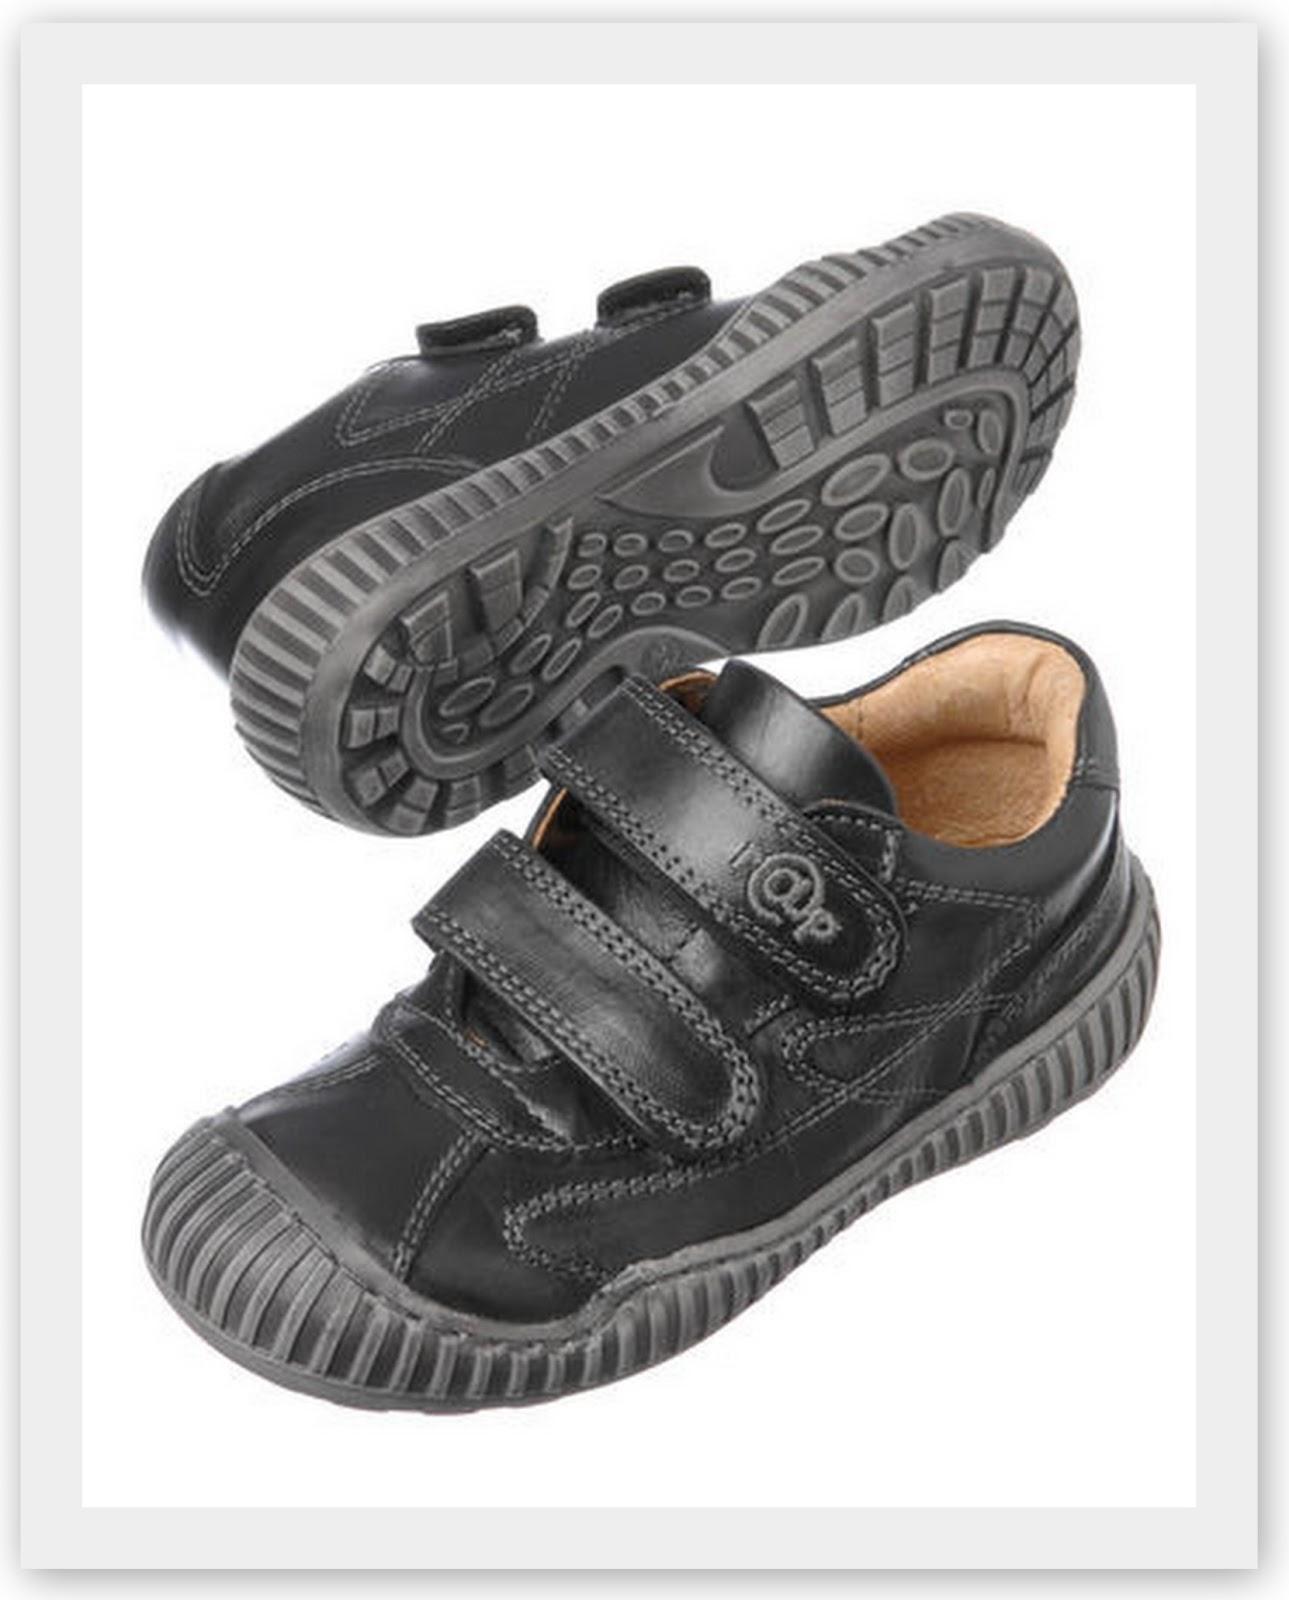 20c12e25f06 Vind – Arauto Rap sko og sandaler | pforpernille